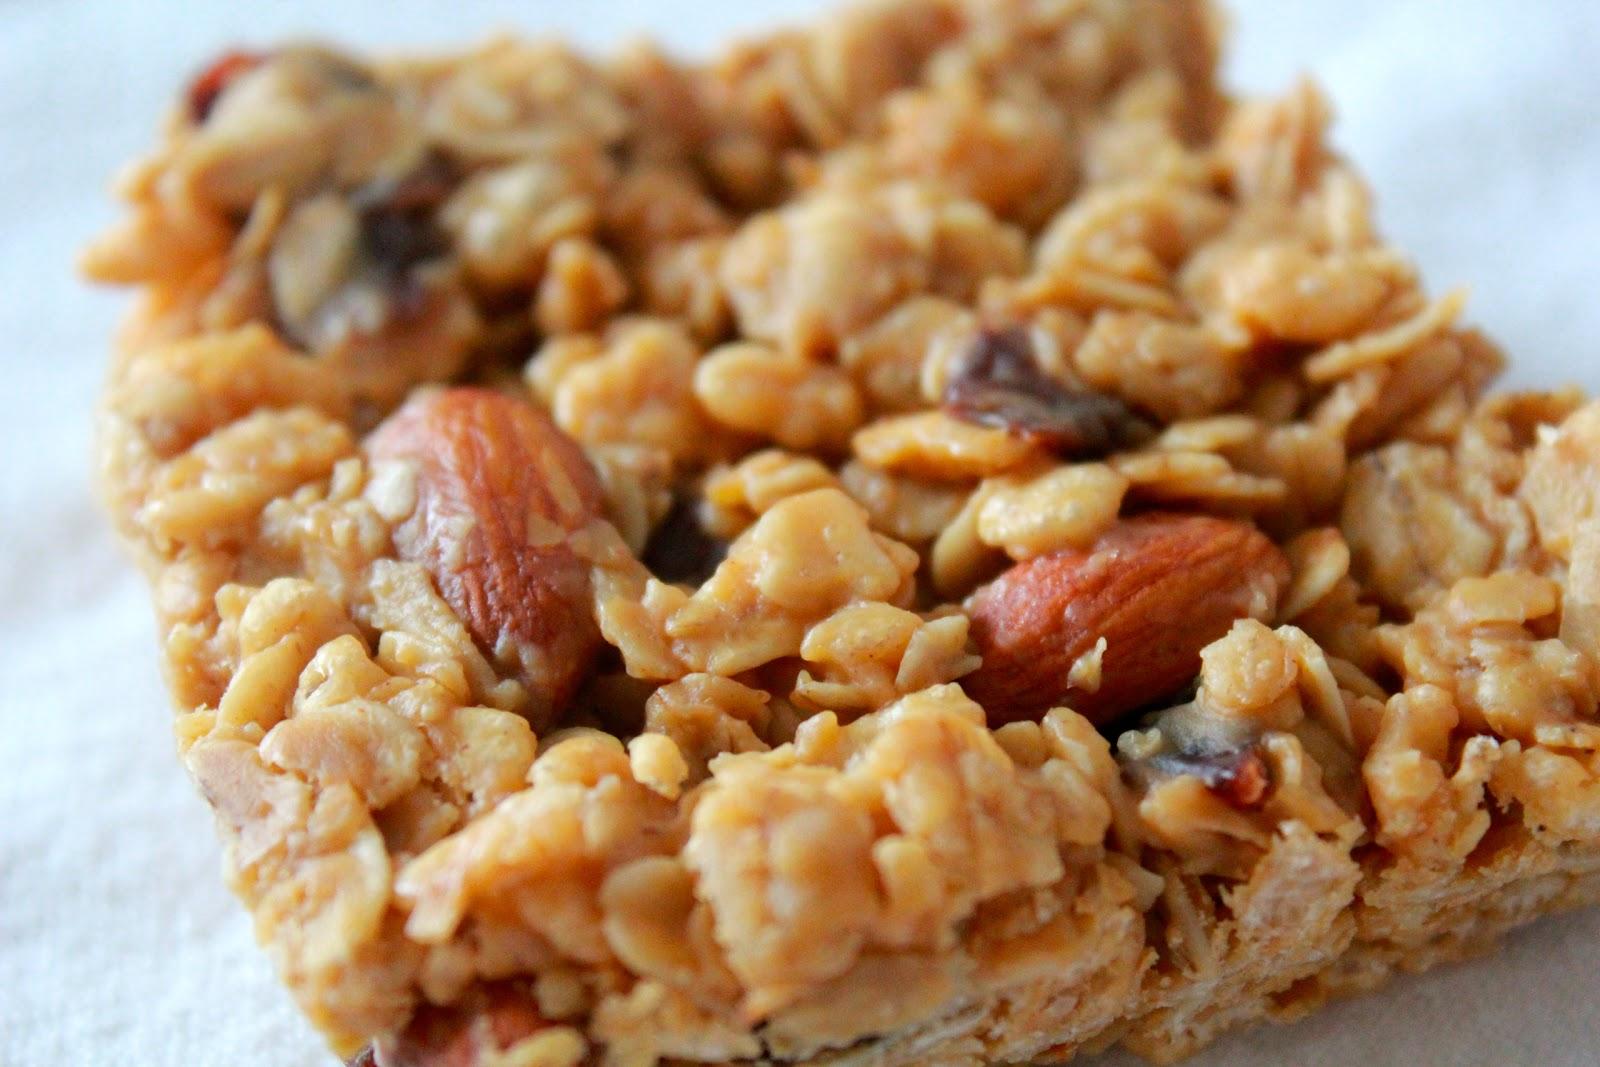 ... , Week 1: Peanut Butter-Oatmeal Breakfast Bars | Yankee Kitchen Ninja